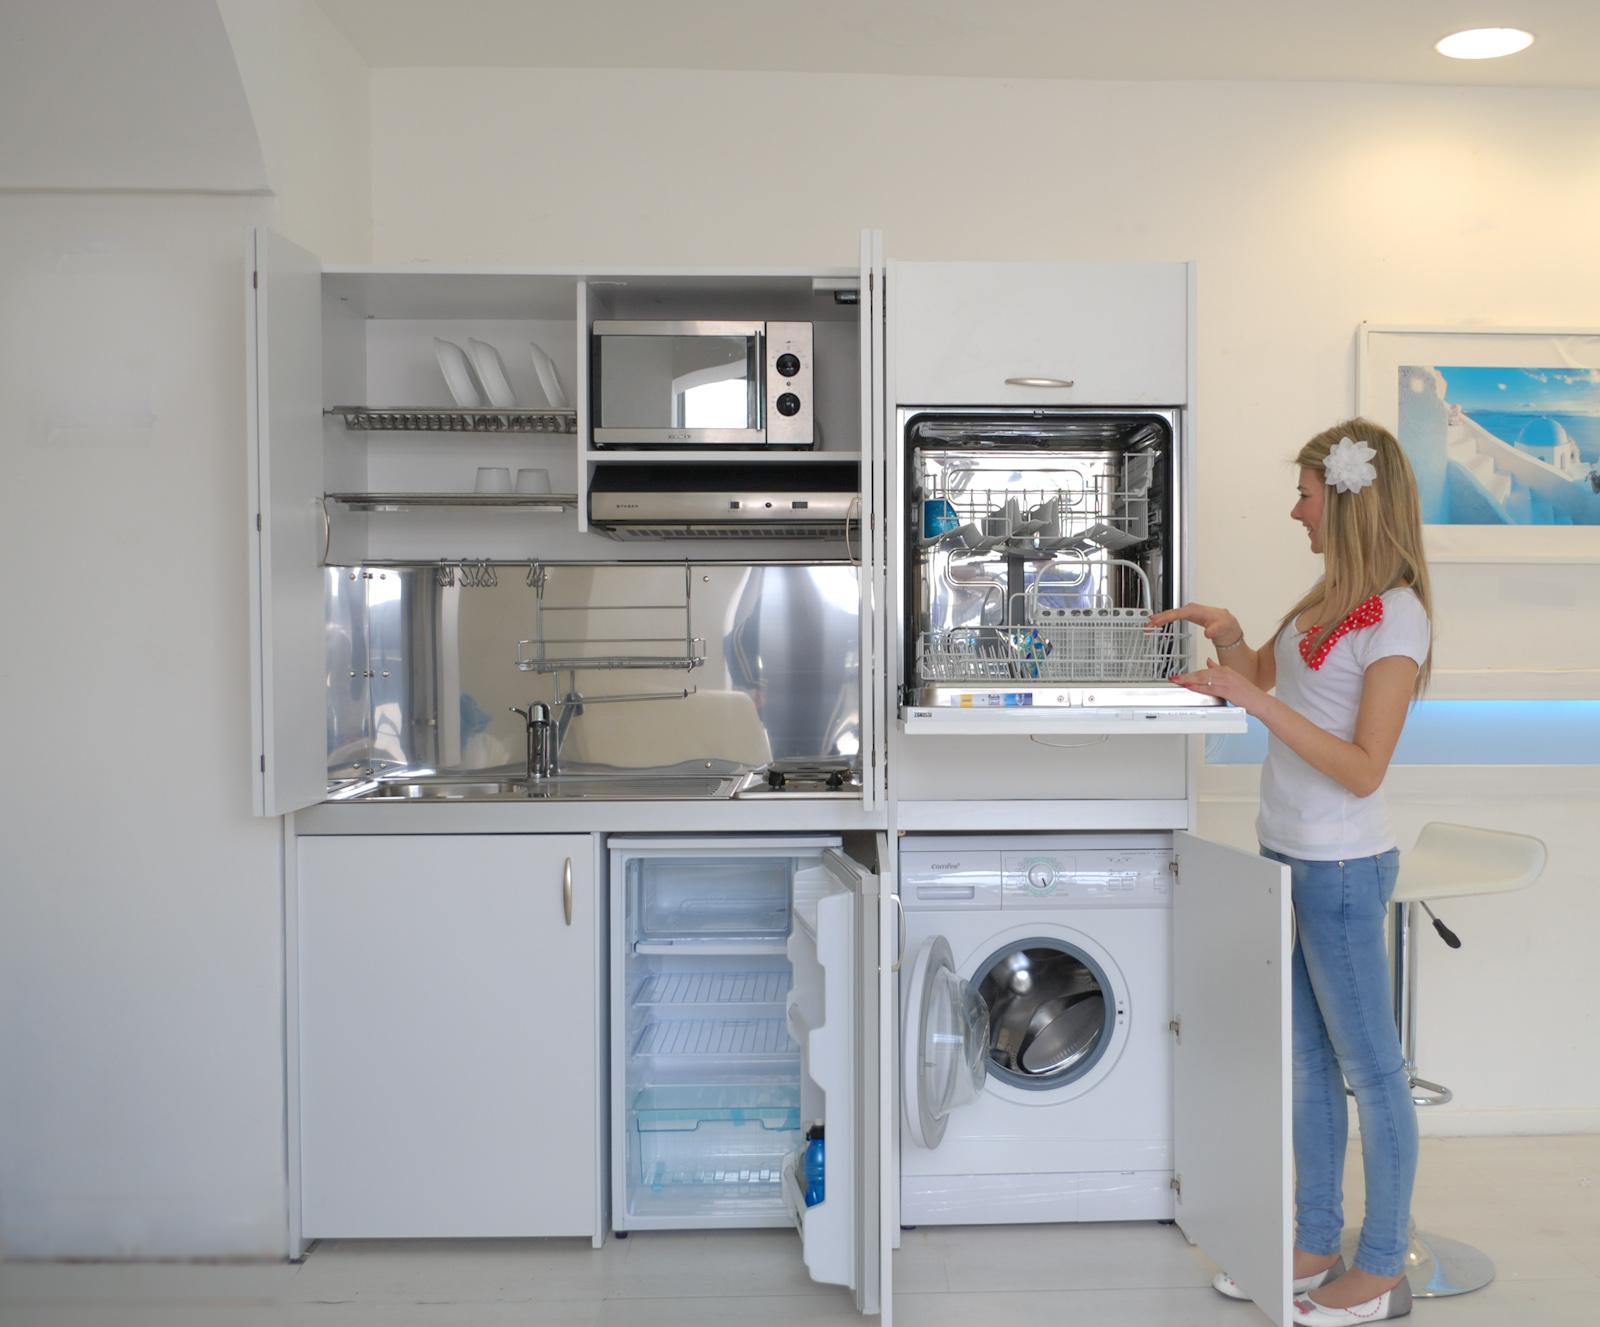 Monoblocco cucine salvaspazio compact con serranda for Accessori di cucina